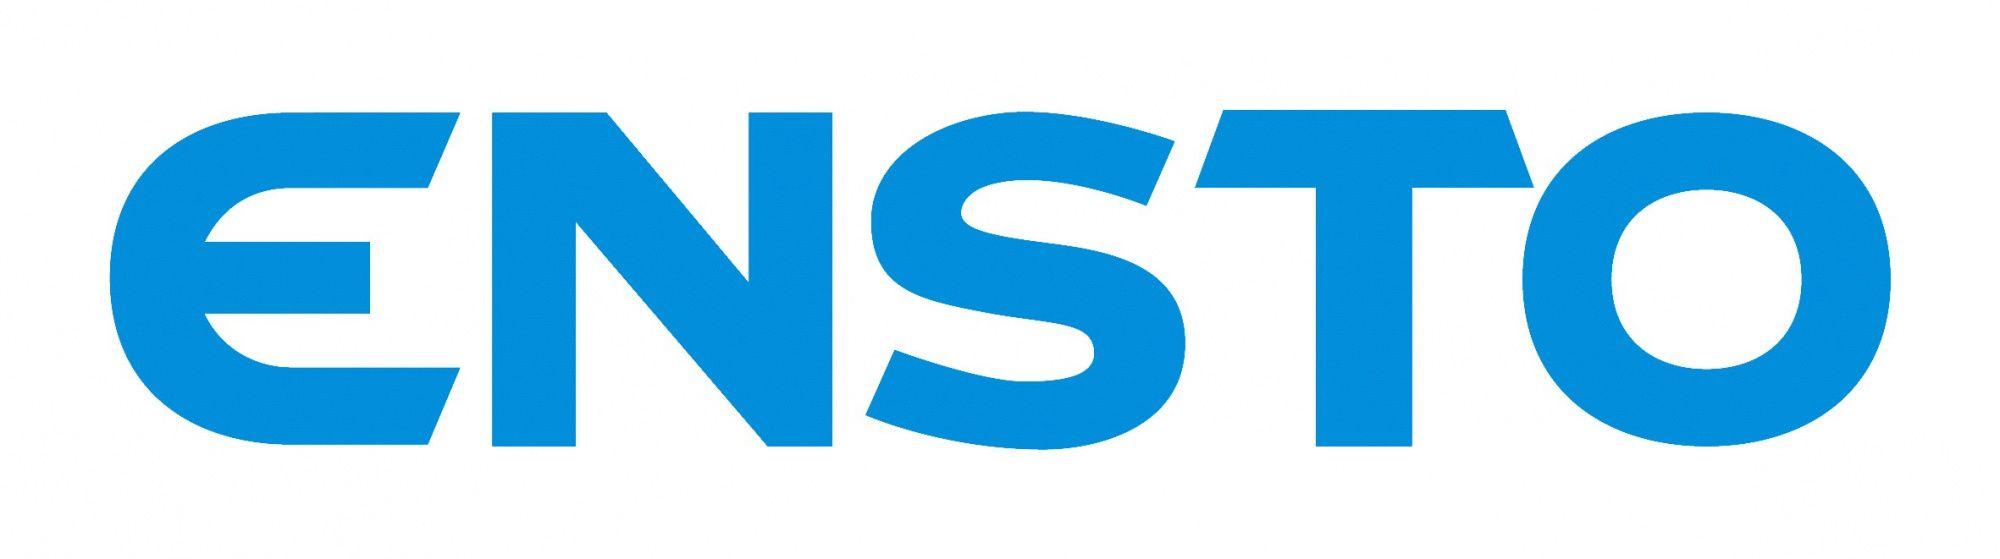 Электротехнические системы Ensto по низкой цене в интернет-магазине doss-stroy.ru